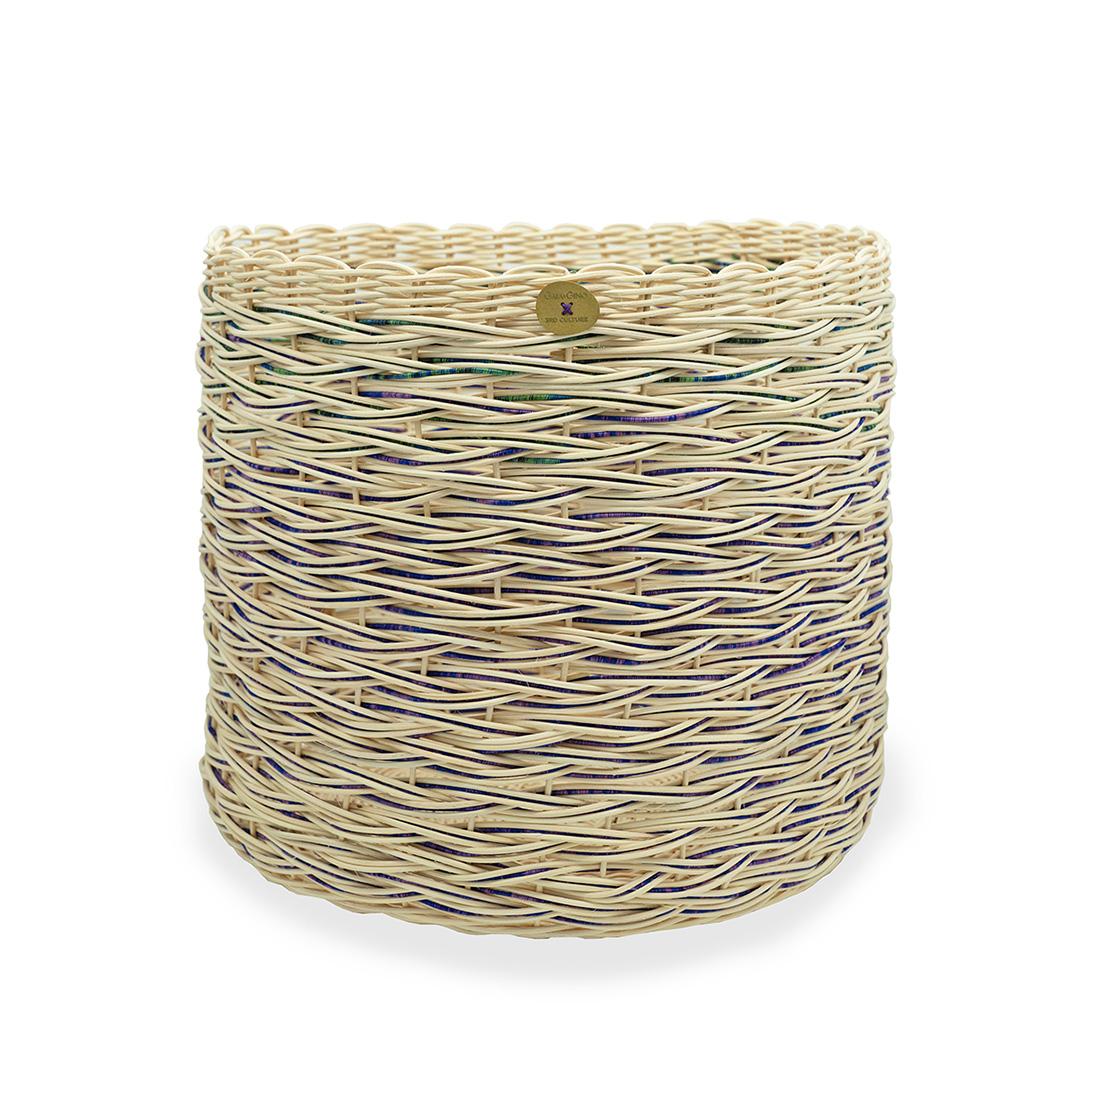 Alge Basket, Large